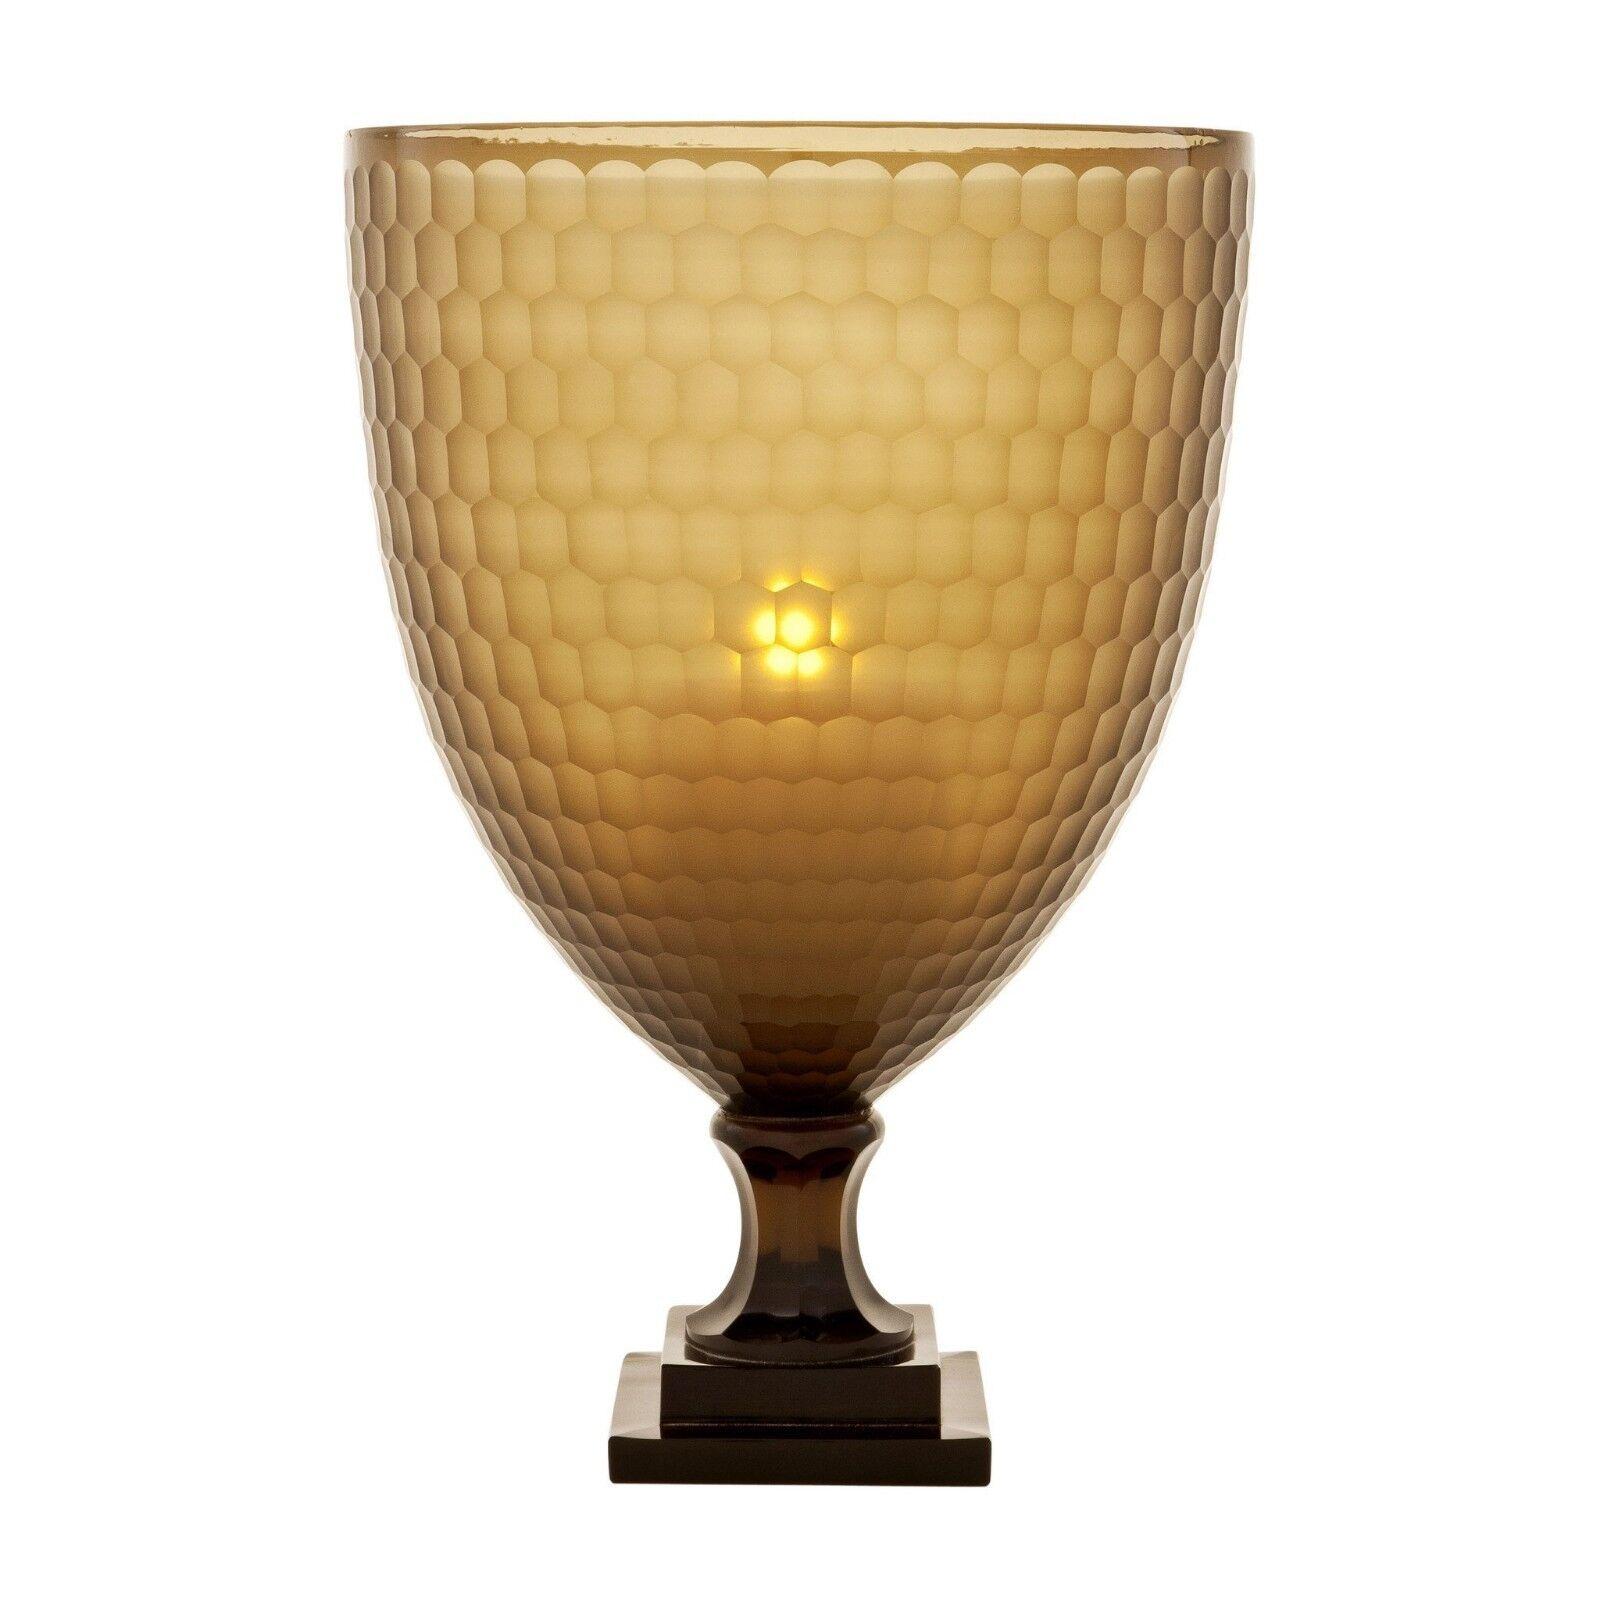 Beautiful Large Eichholtz braun Hurricane Candle Holder   Vase